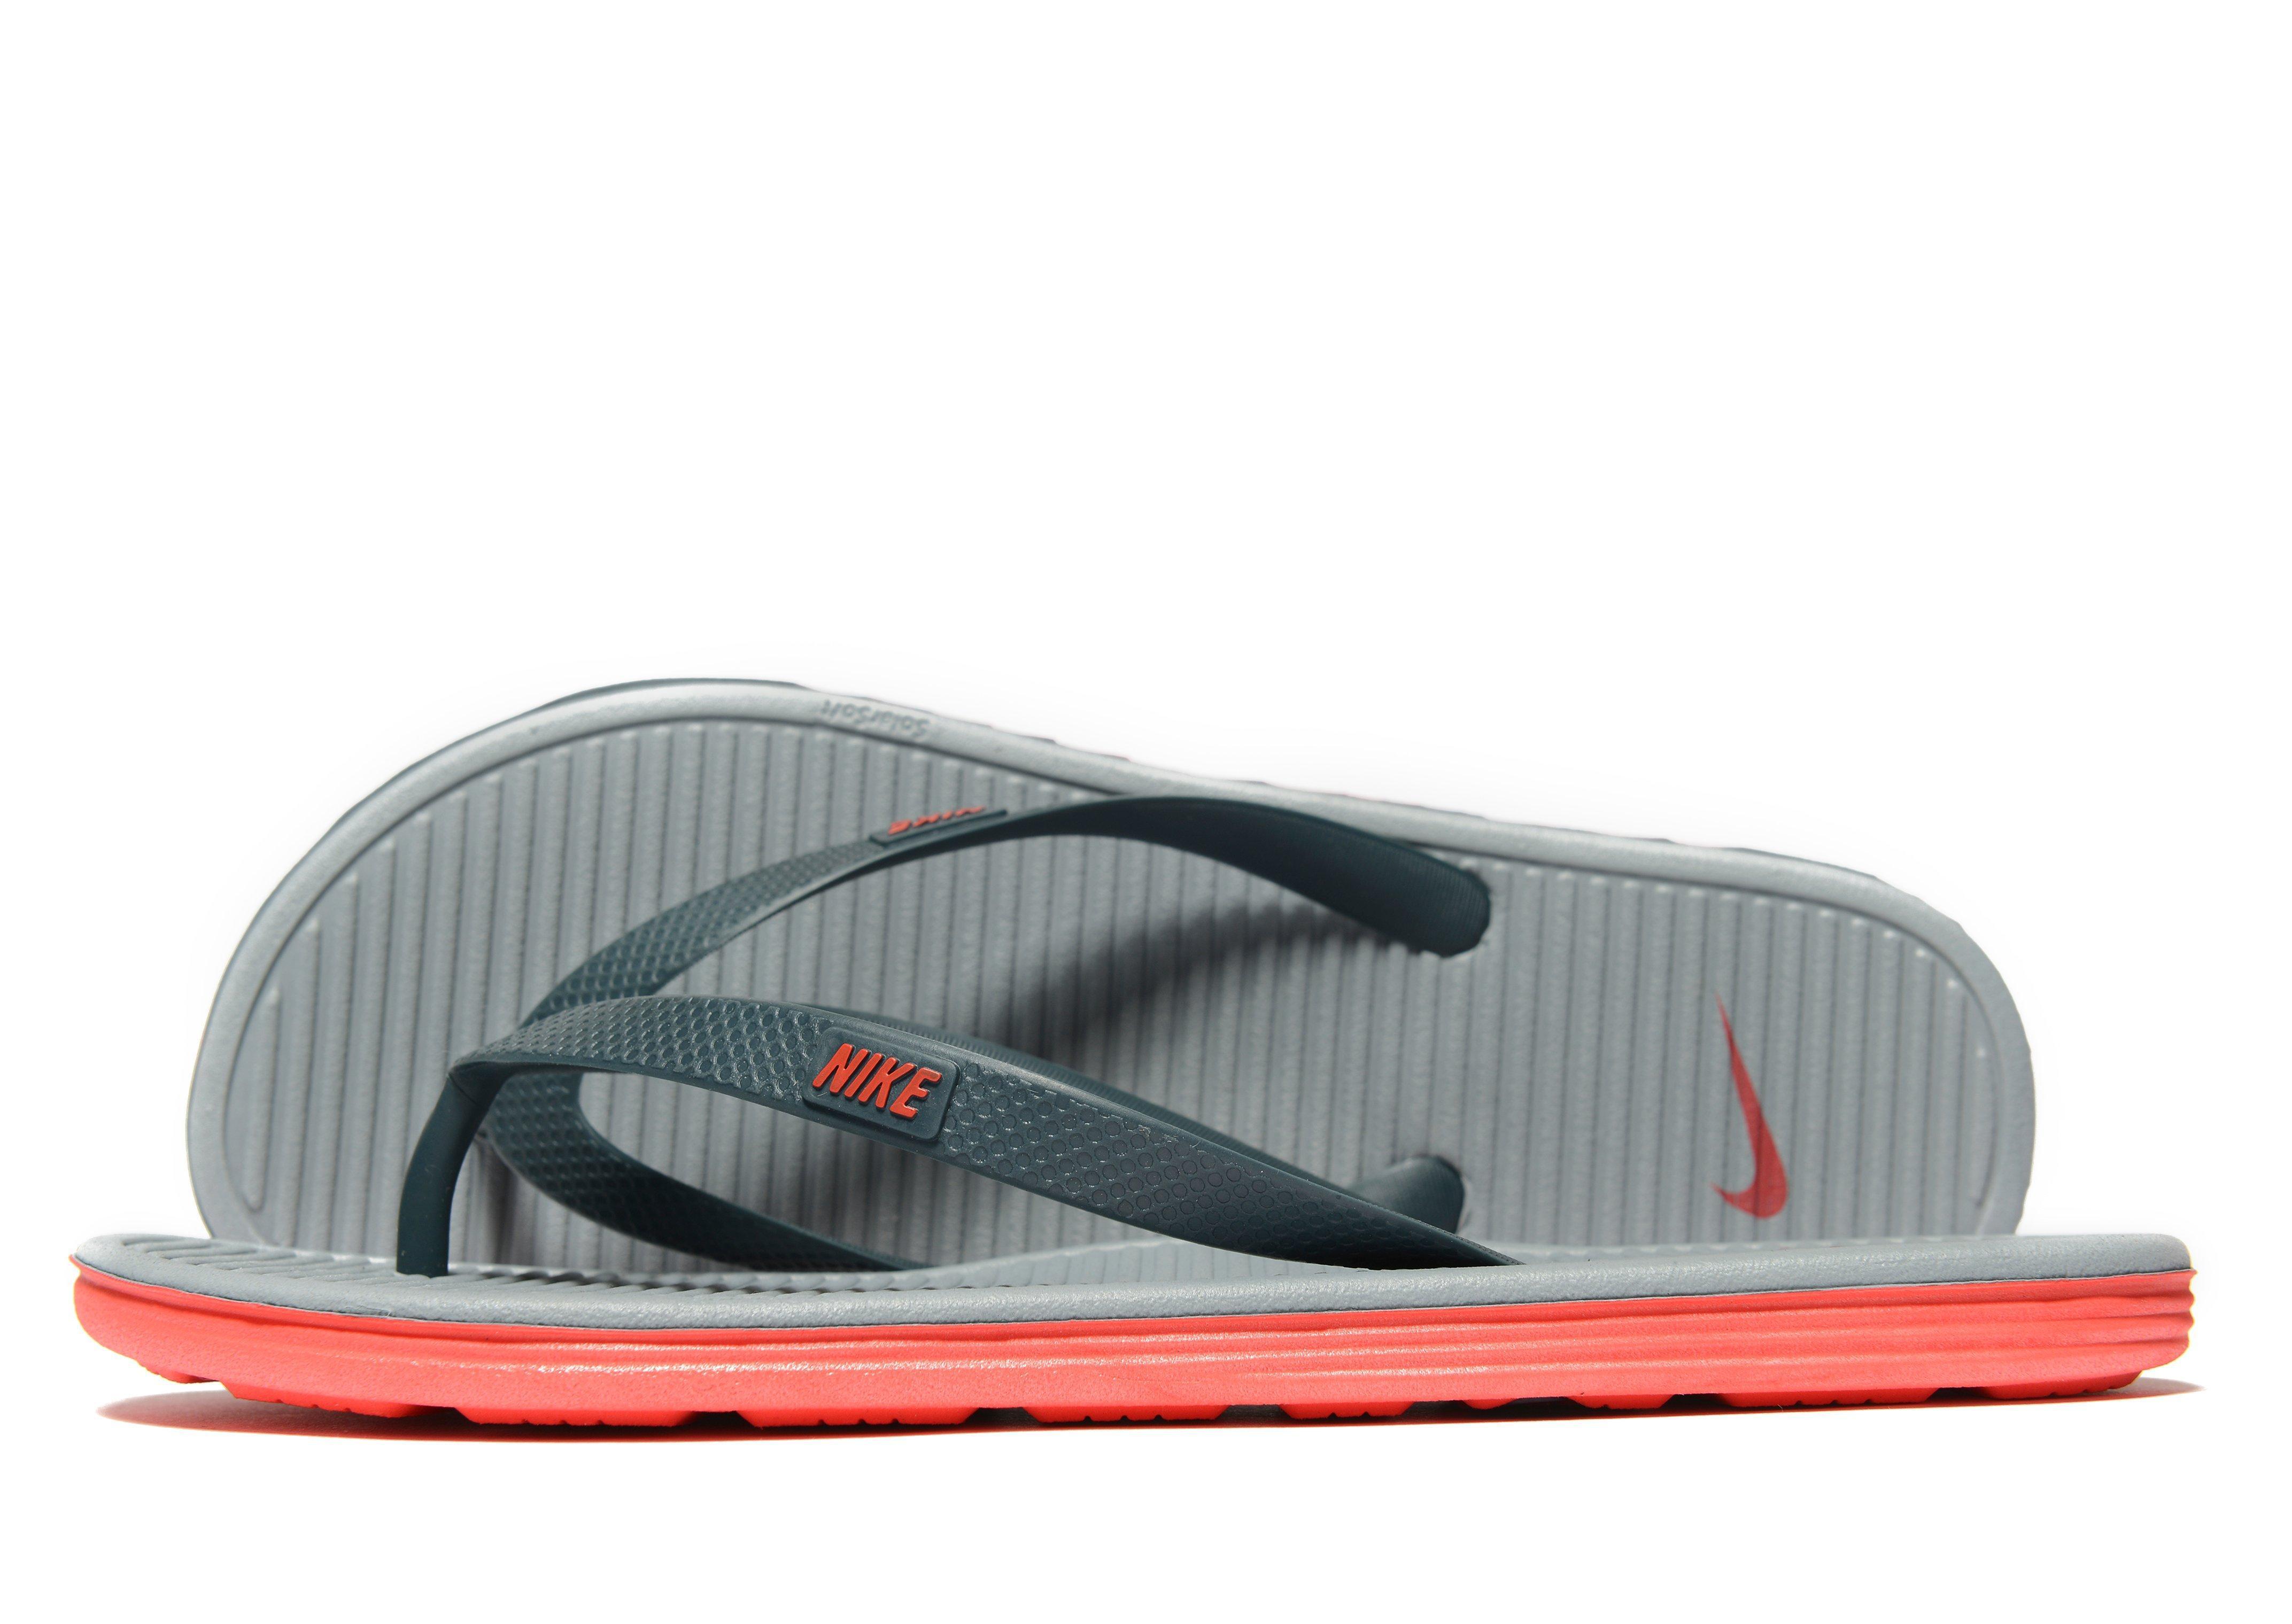 f8b3bbbbff9 Nike Solarsoft Ii Flip Flops in Gray for Men - Lyst